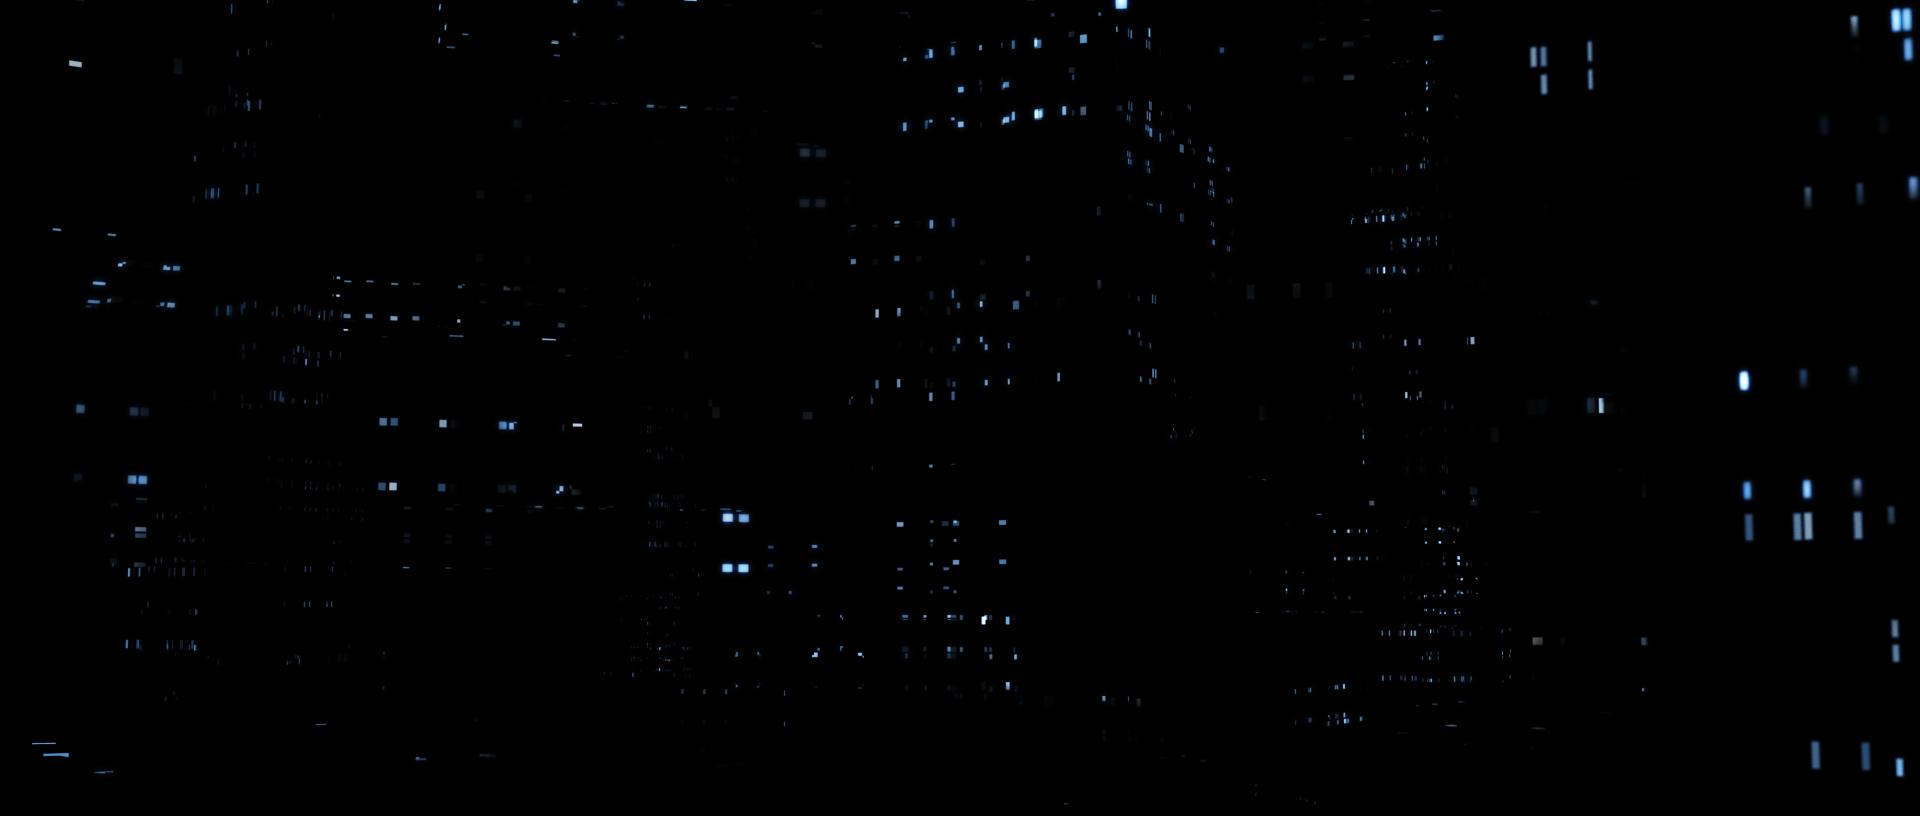 DT_Arrival_light_002.jpg